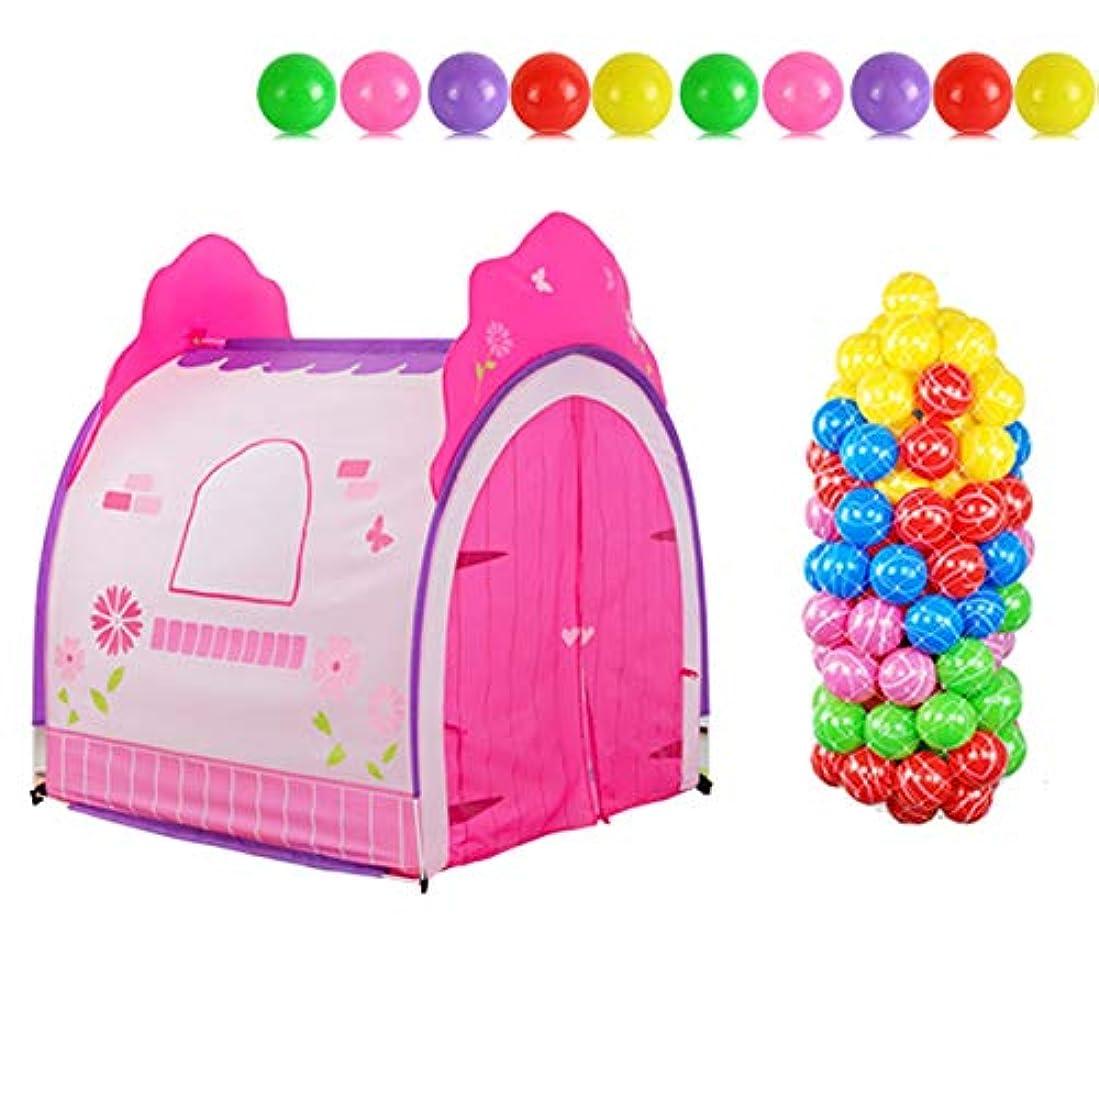 メトロポリタン粗いファセット子供の遊びのテント、子供の遊び場のテント - 屋外と屋内の遊び場のテント - 1-8歳児用,Pink